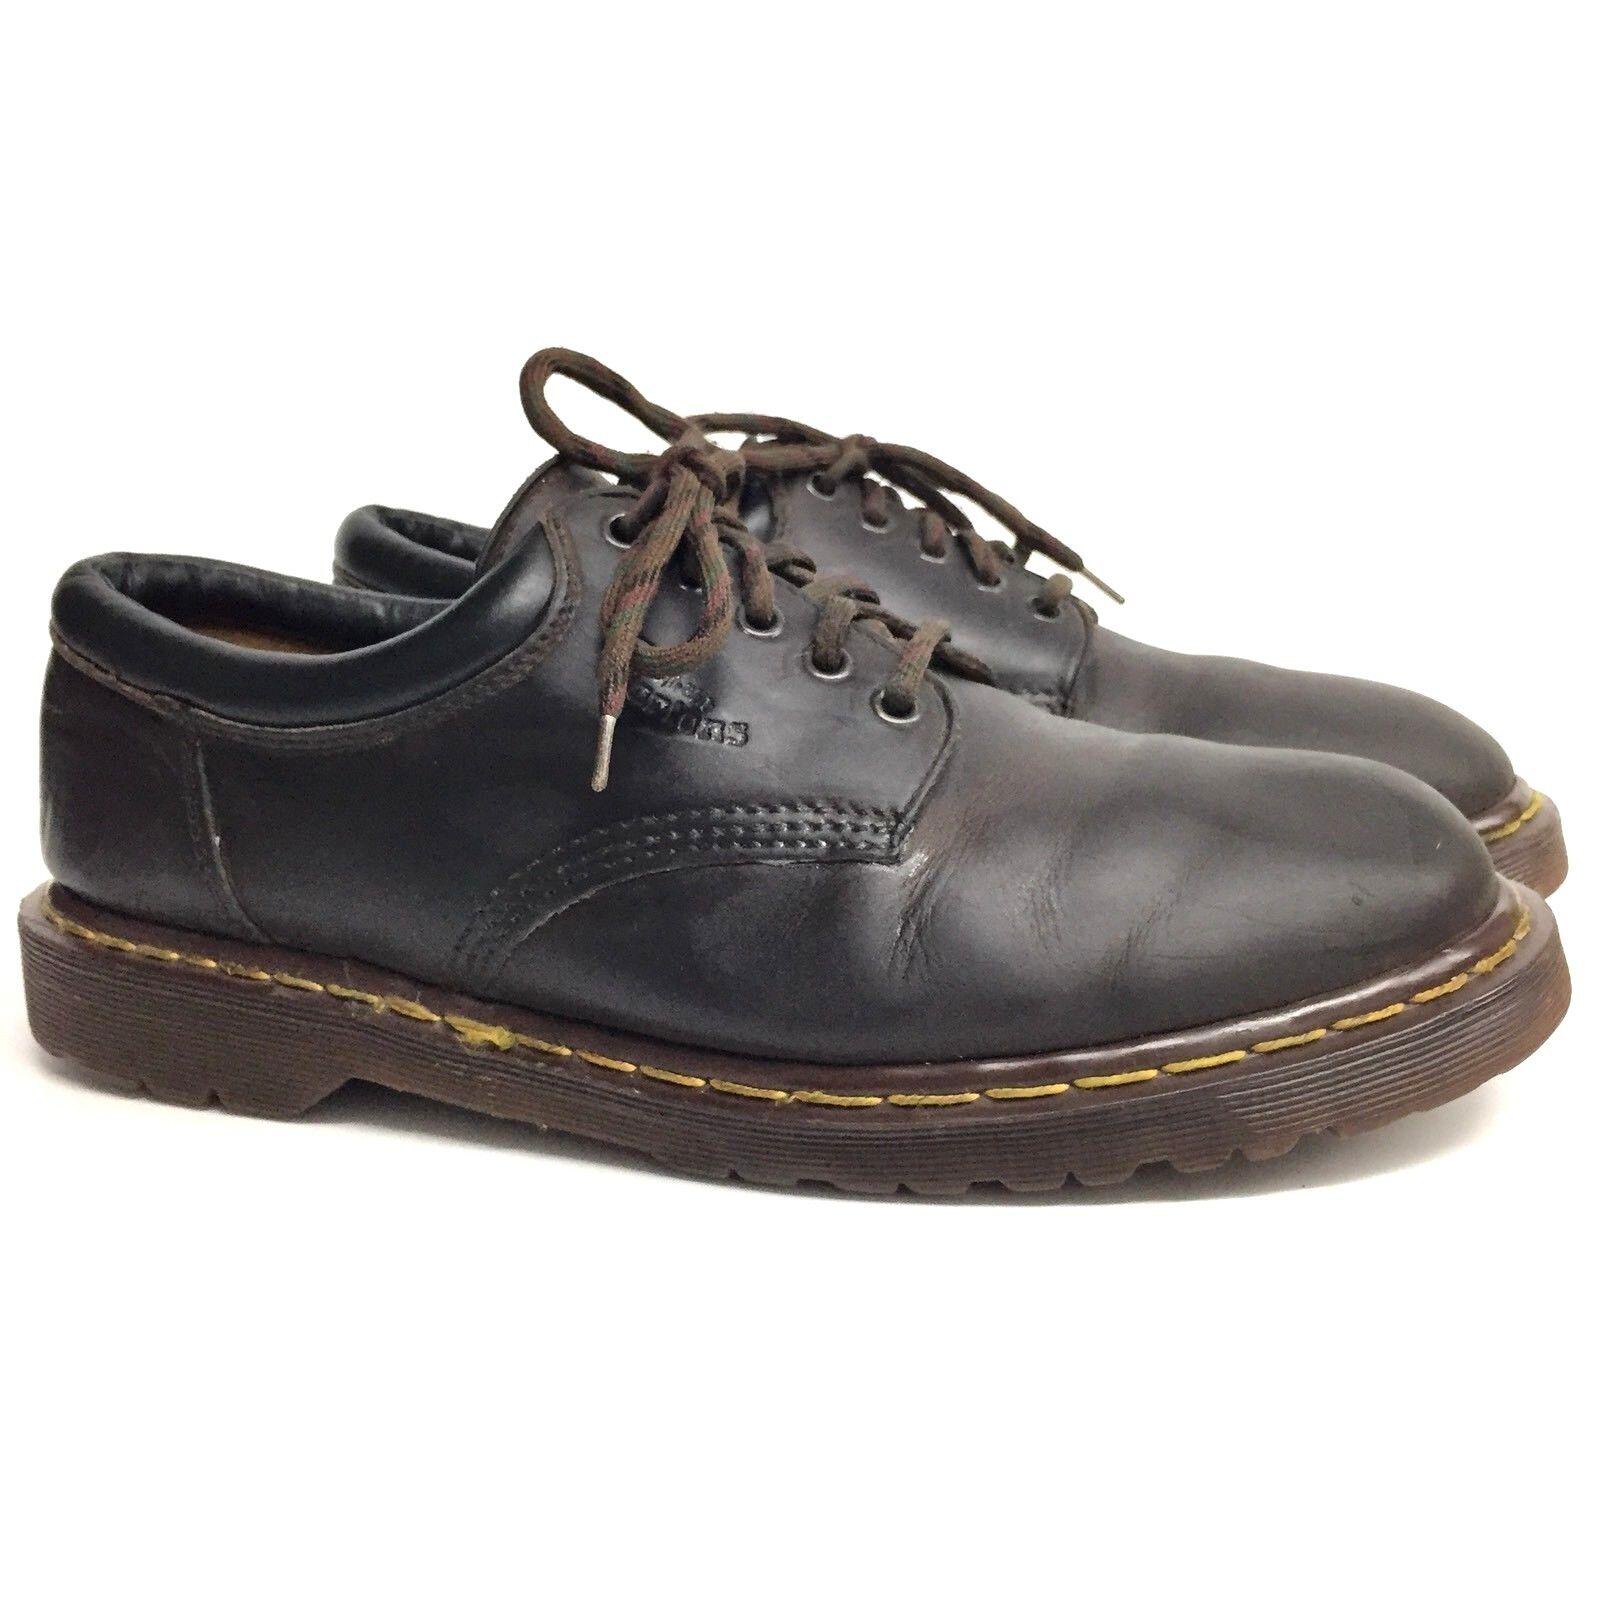 Dr Martens Men's UK 11 US 12 Original 8053 Brown Leather 5 Eye Lace Up ENGLAND